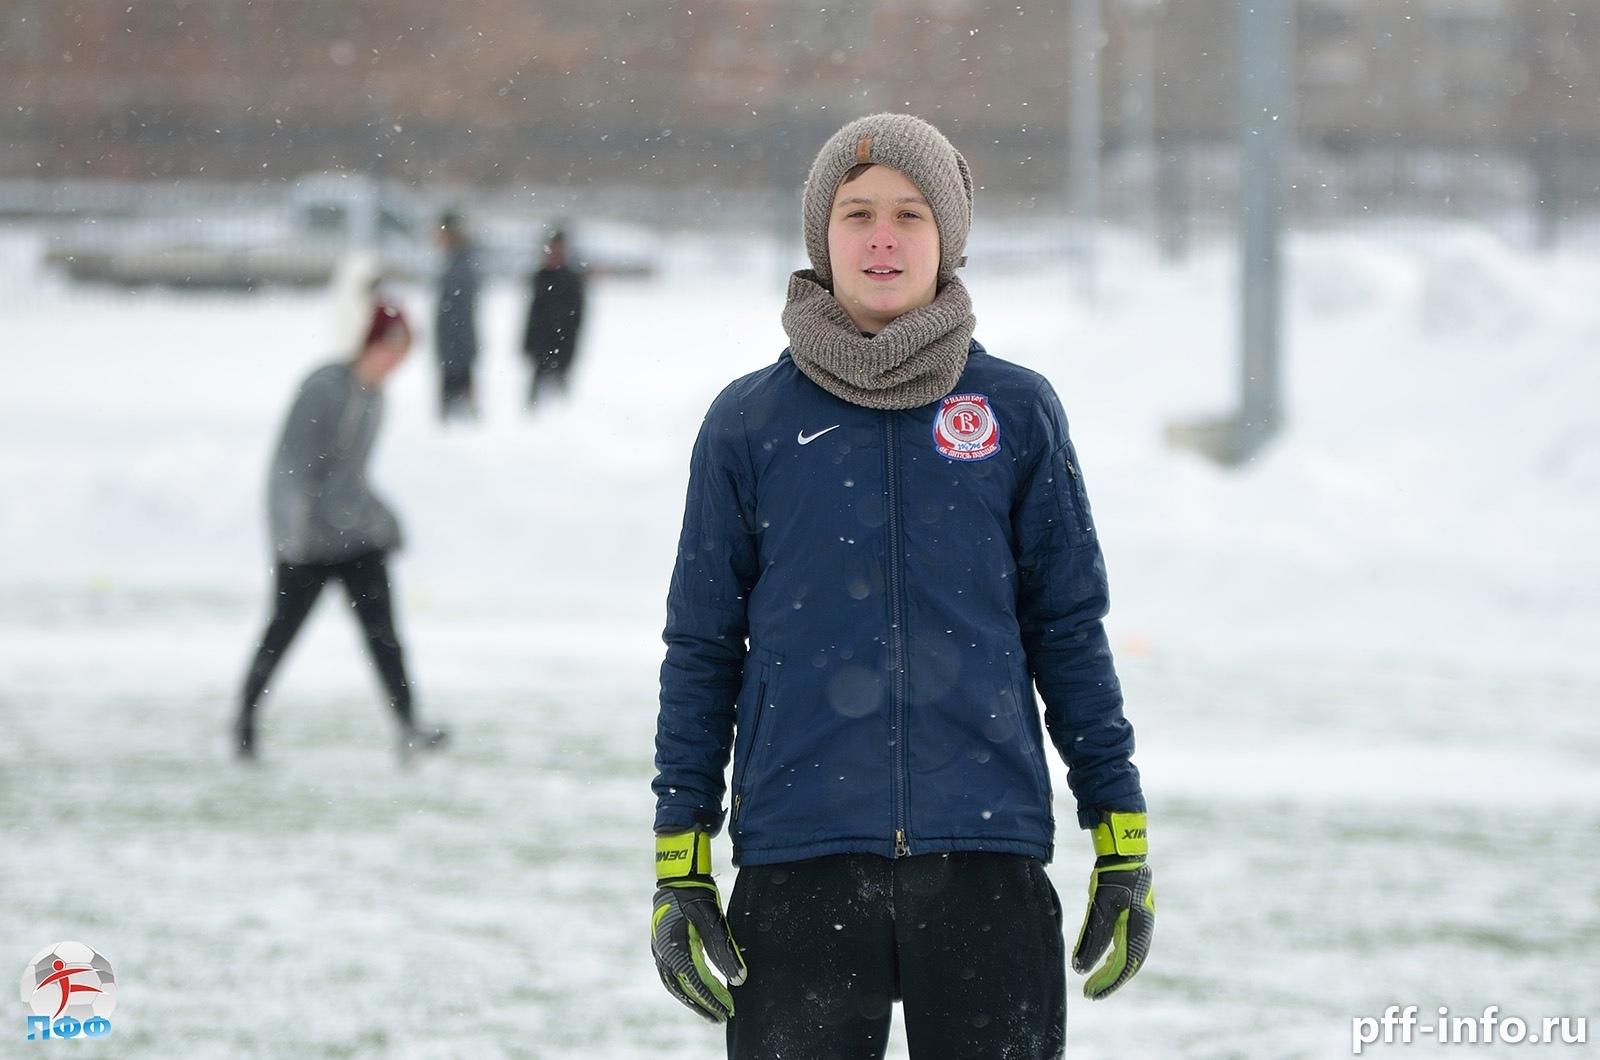 Егор Солодов: «Любовь к футболу победила мороз»